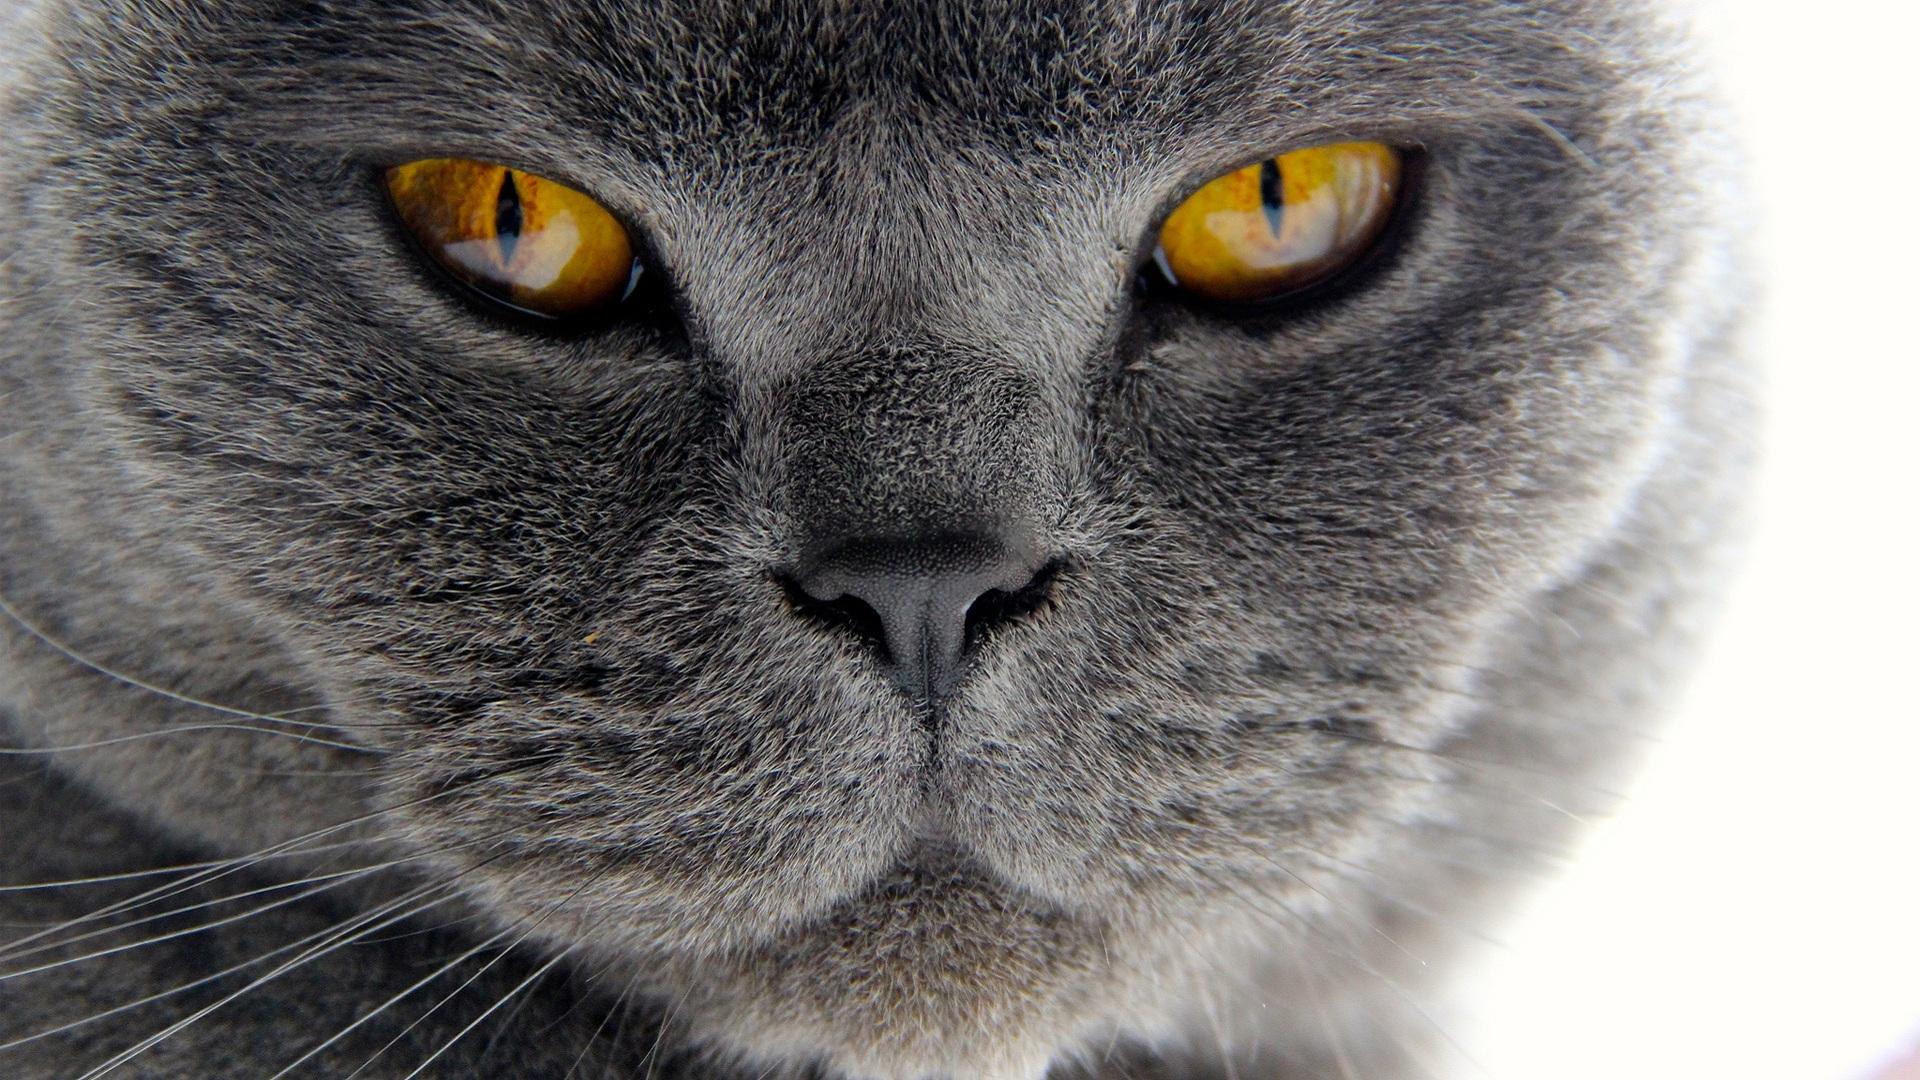 Обои котята 1920x1080 обои картинки фото котят скачать HD